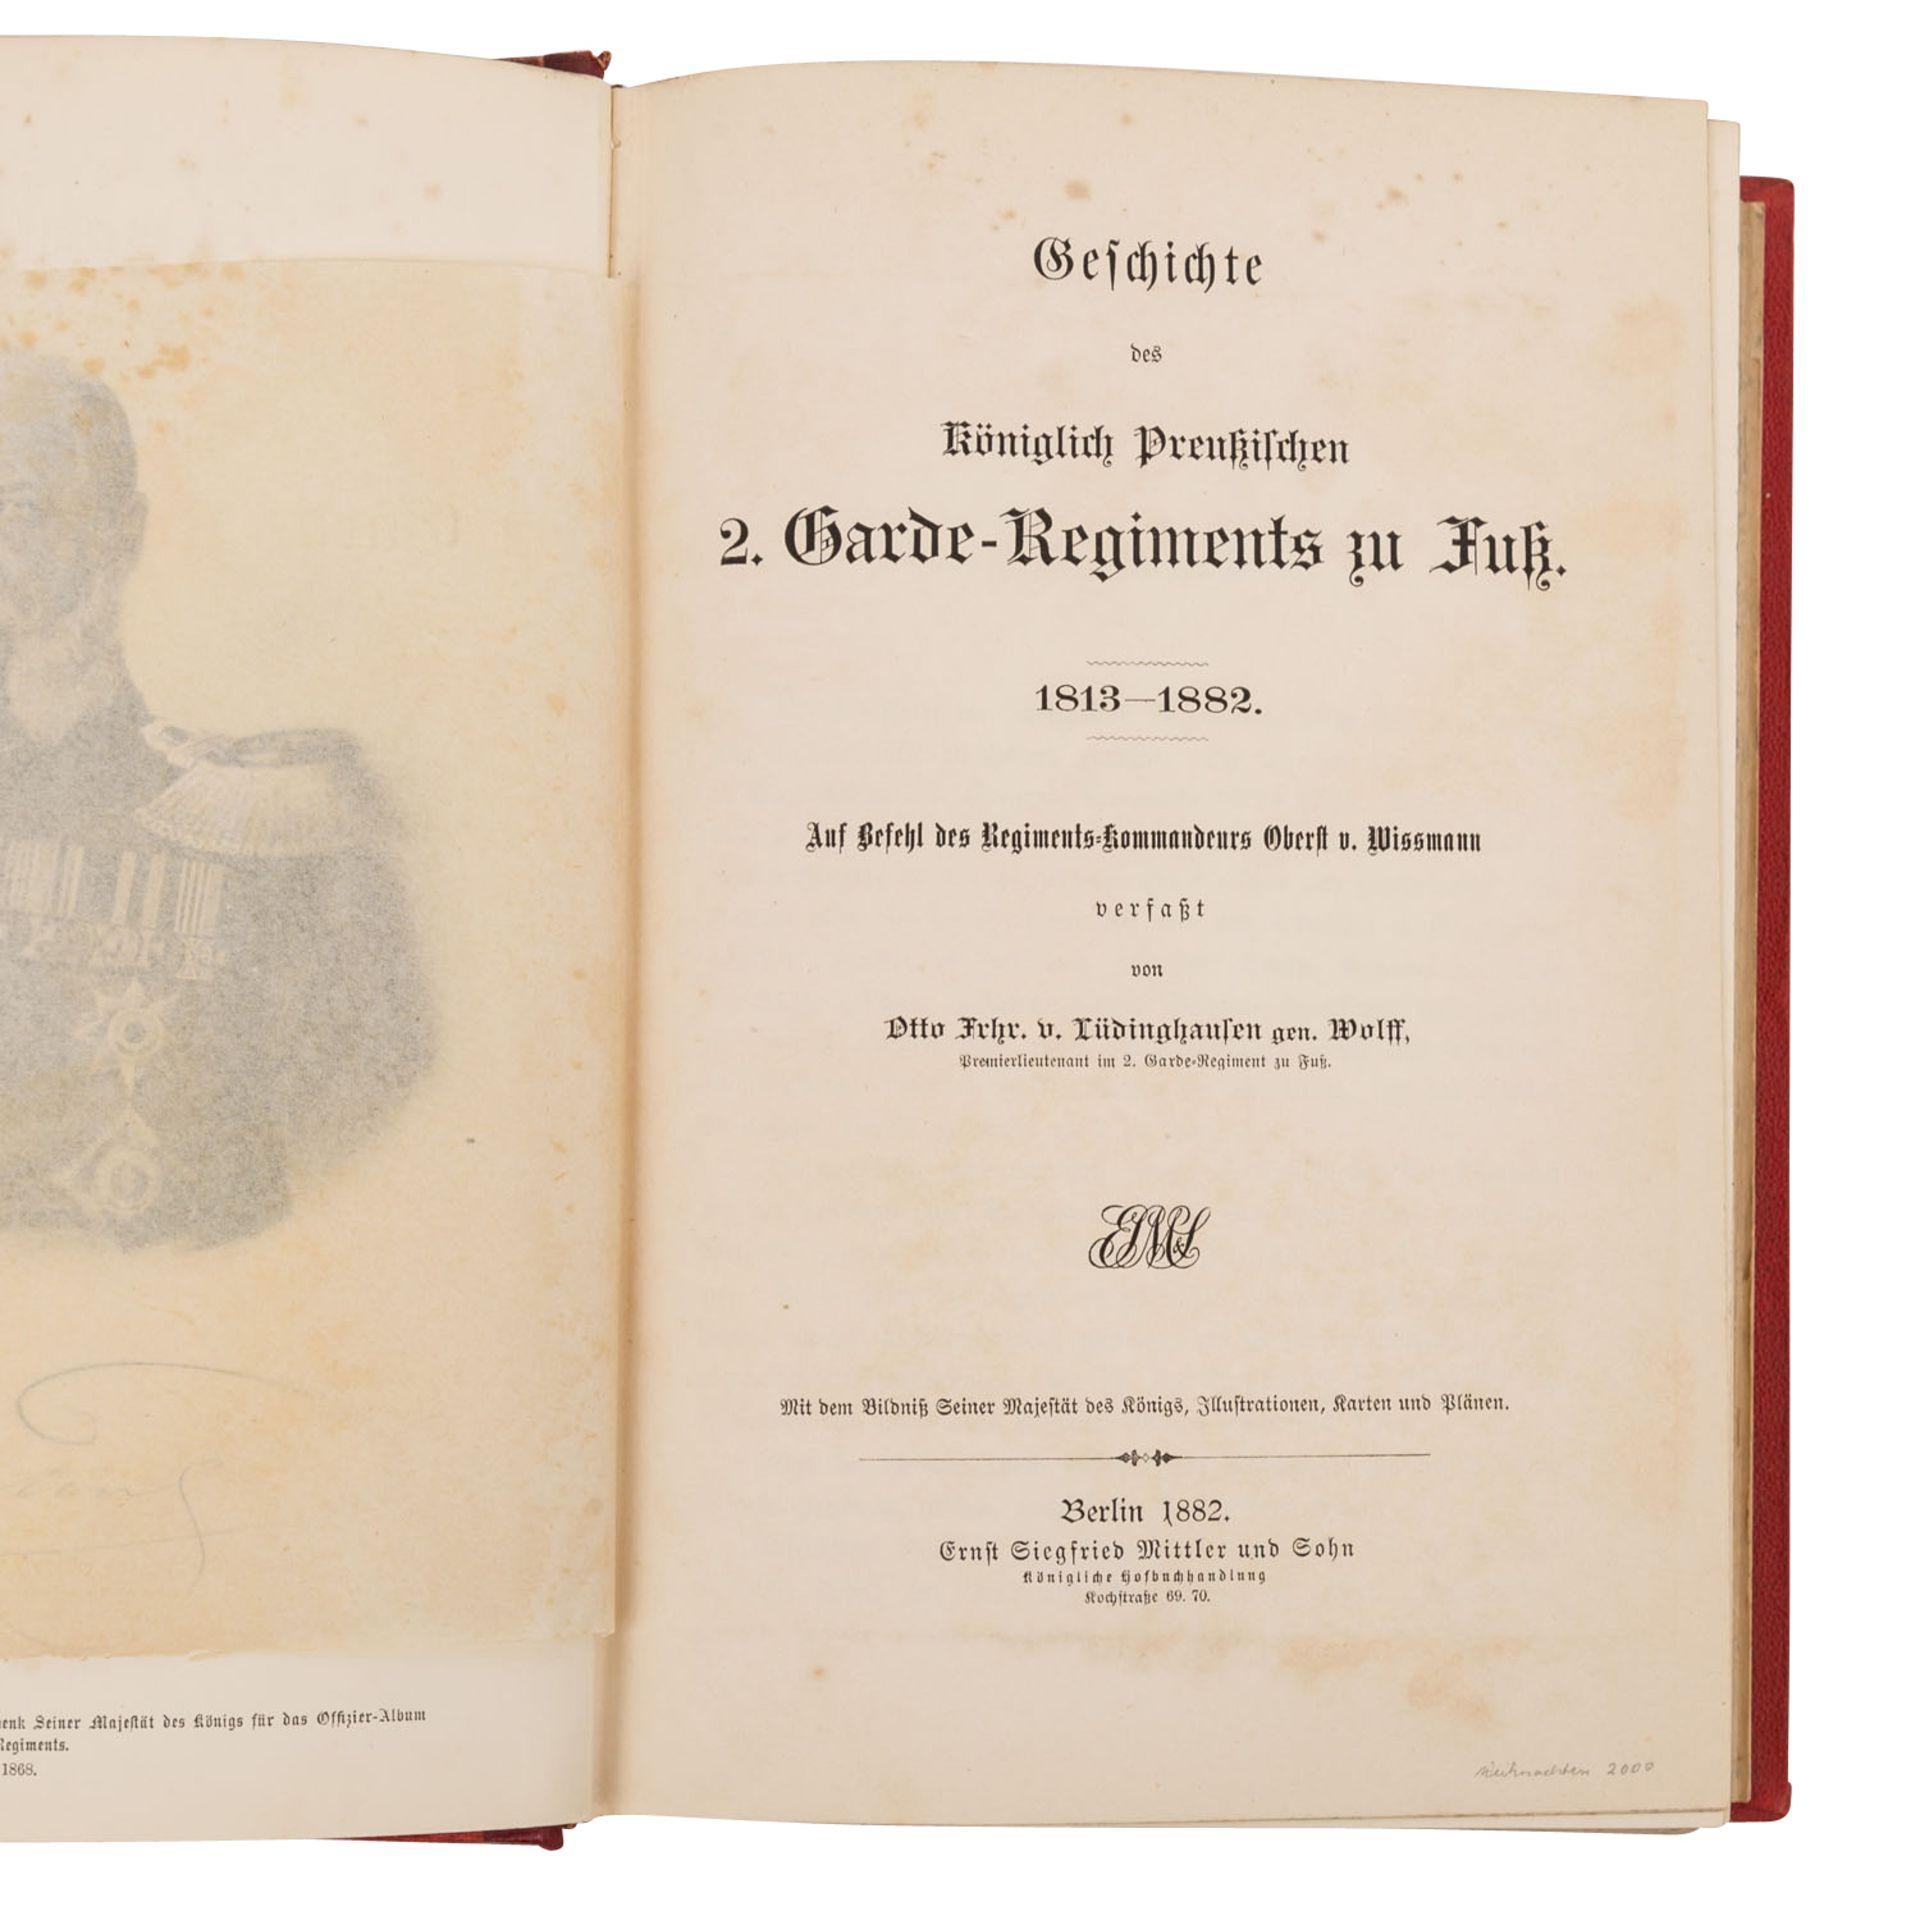 Geschichte des Königlich Preußischen 2. Garde-Regiments - Bild 2 aus 3